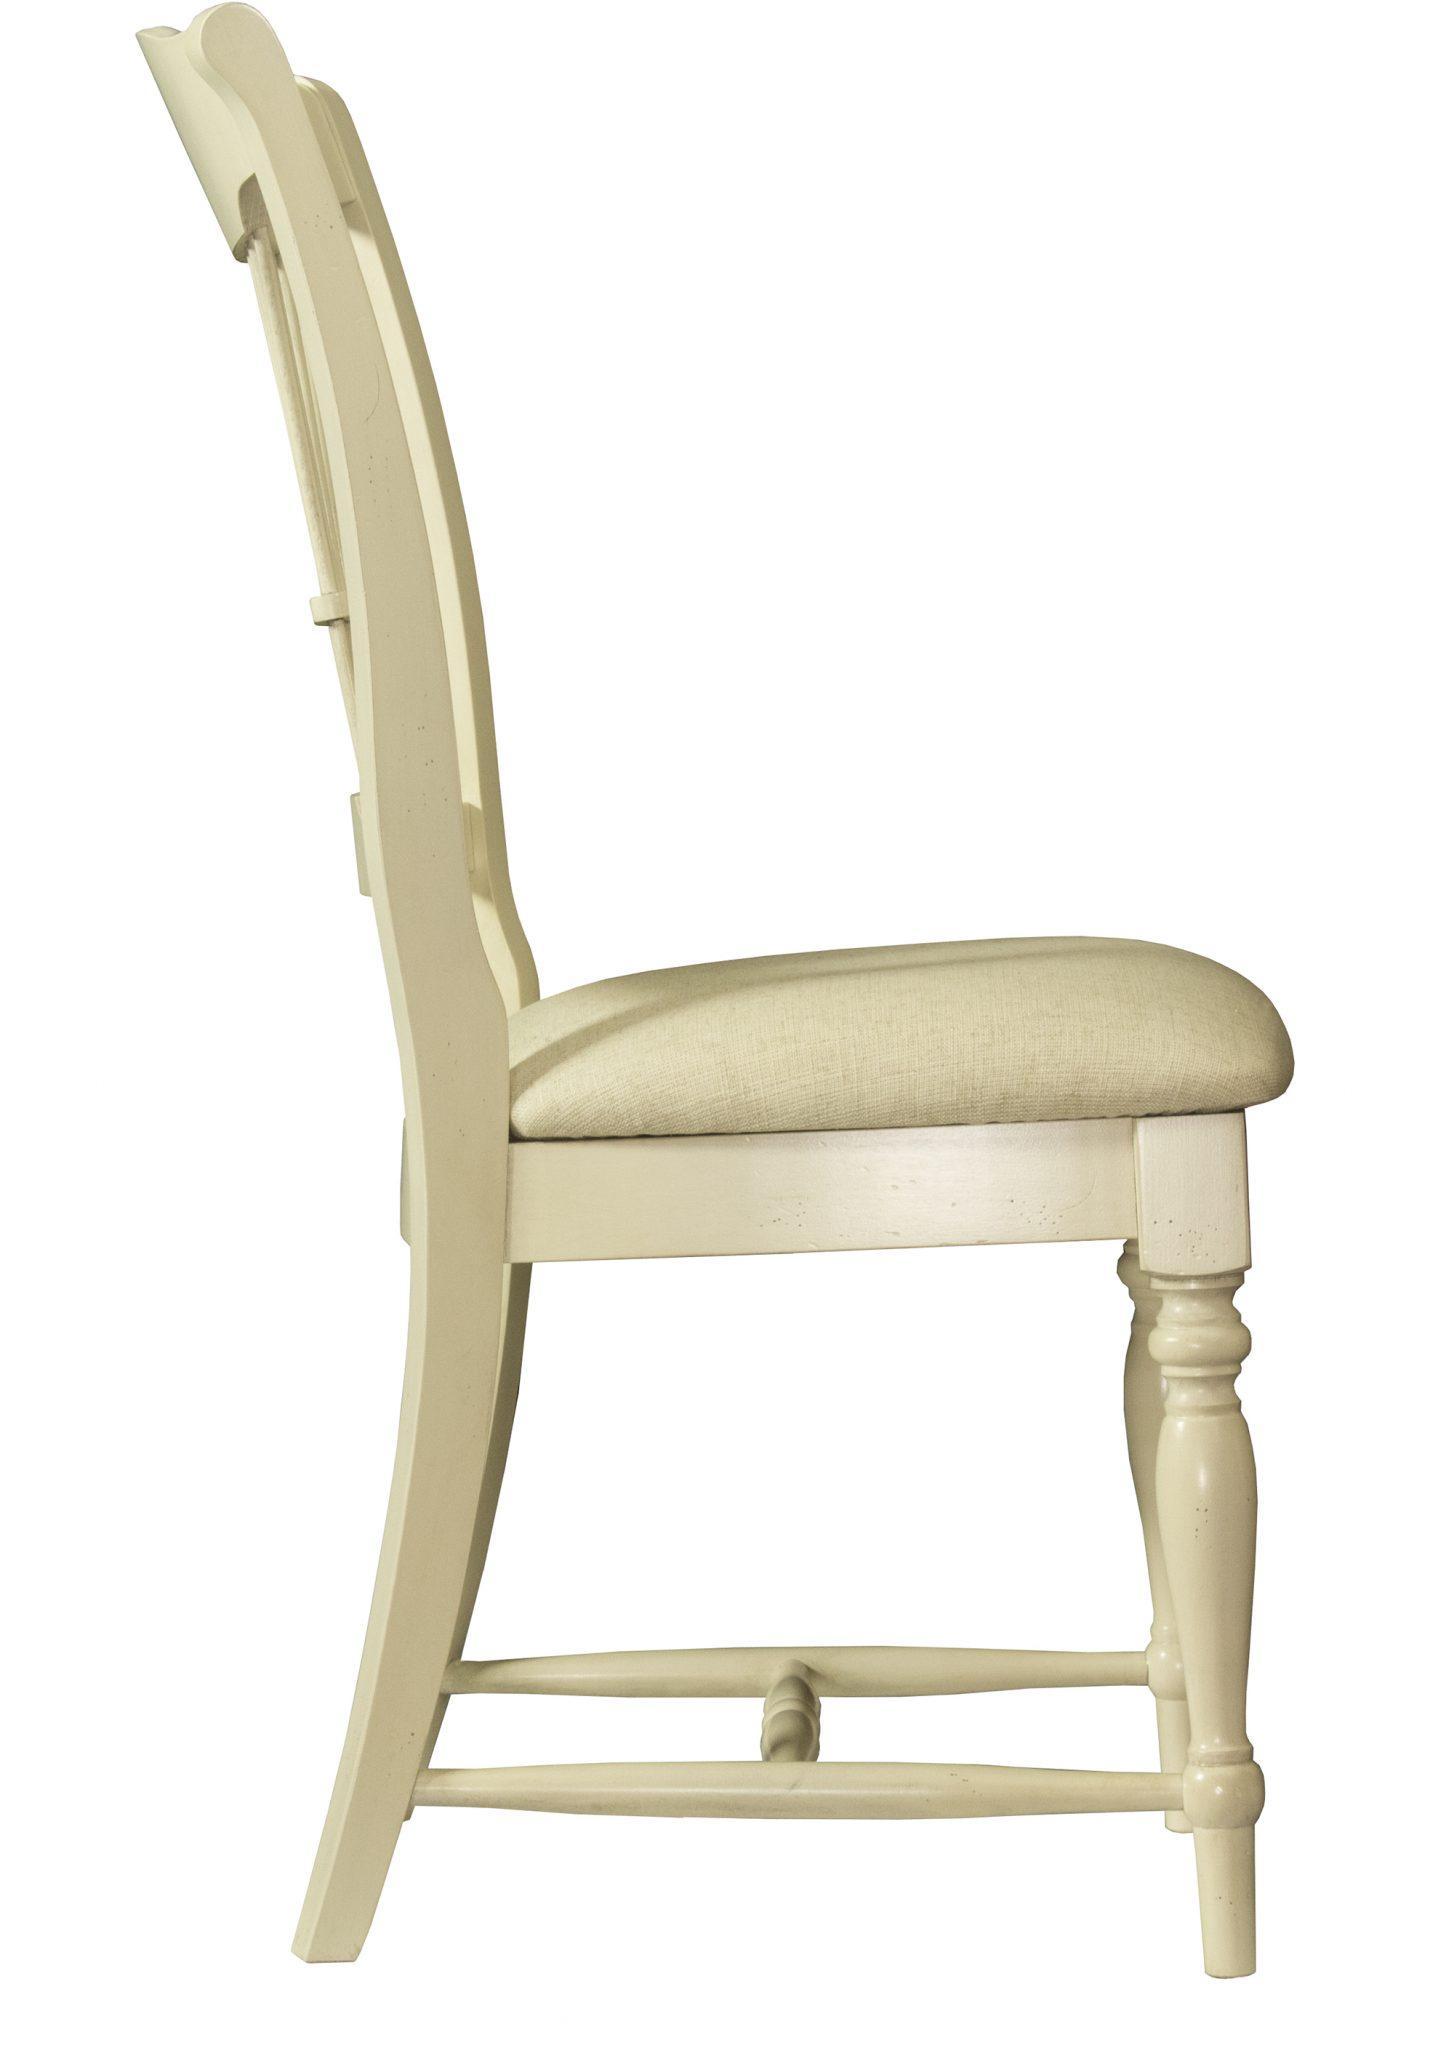 Model 90 Side Chair Upholstered